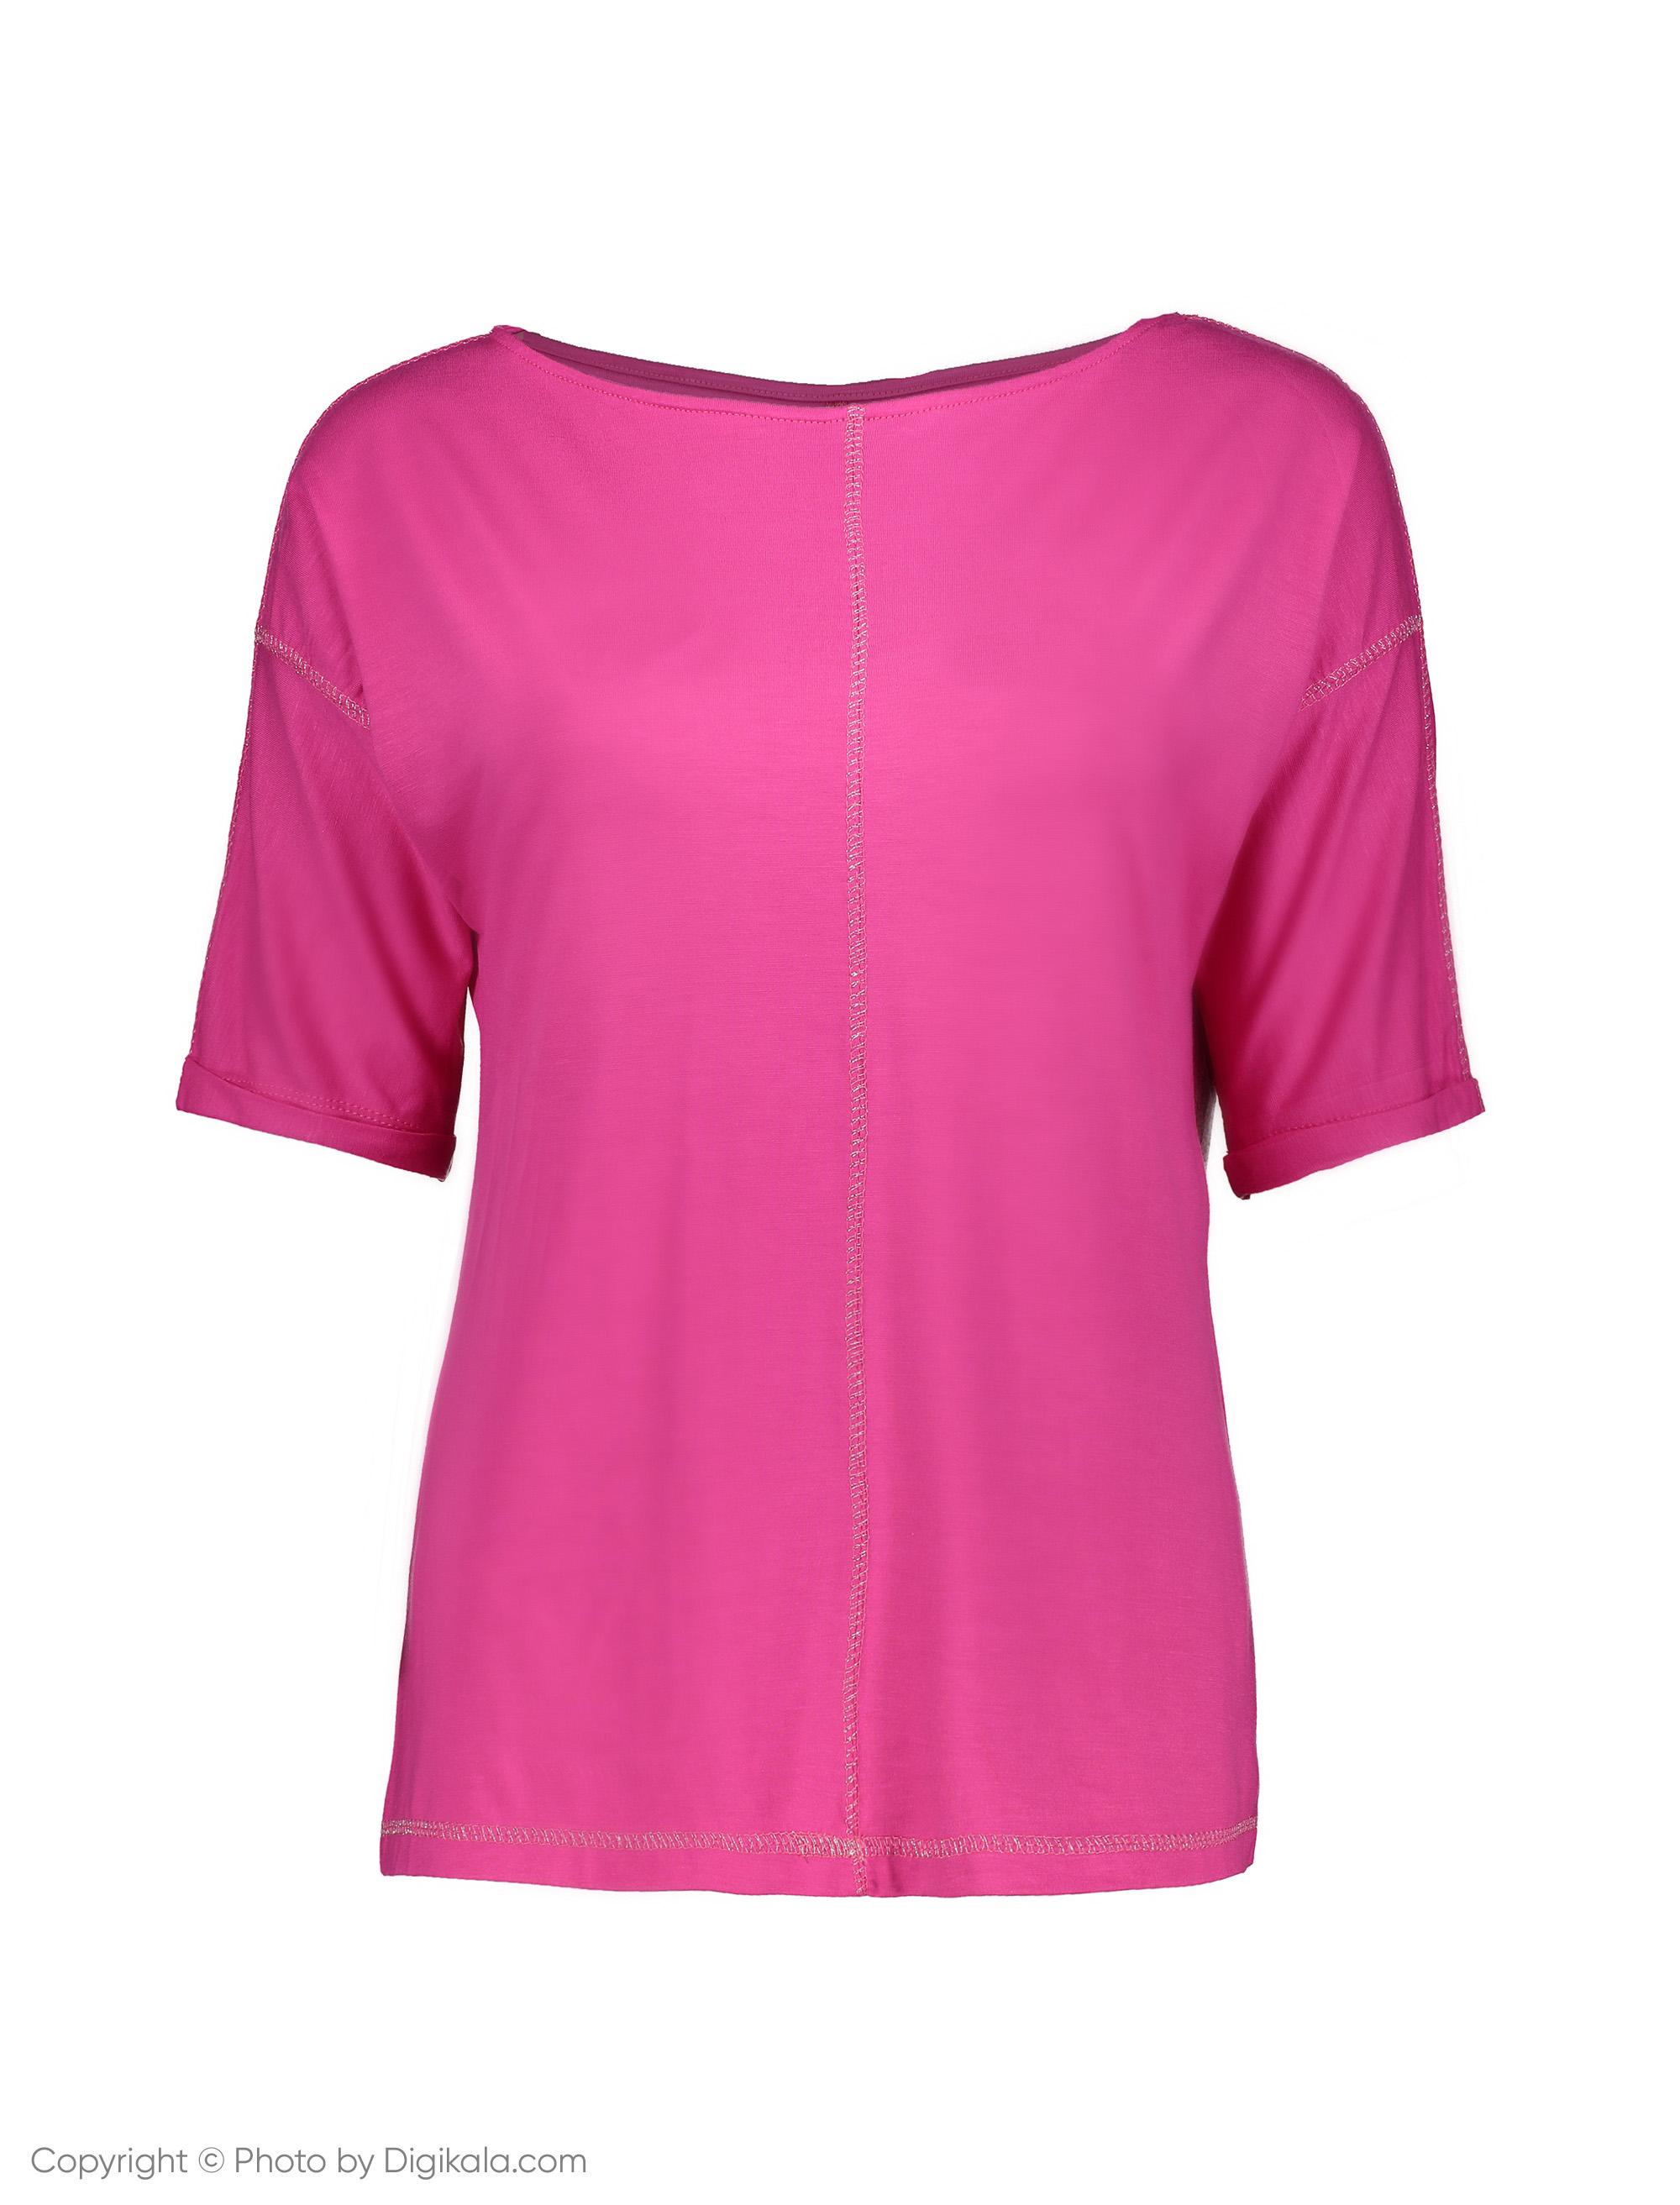 تی شرت زنانه گارودی مدل 1003103022-75 -  - 1